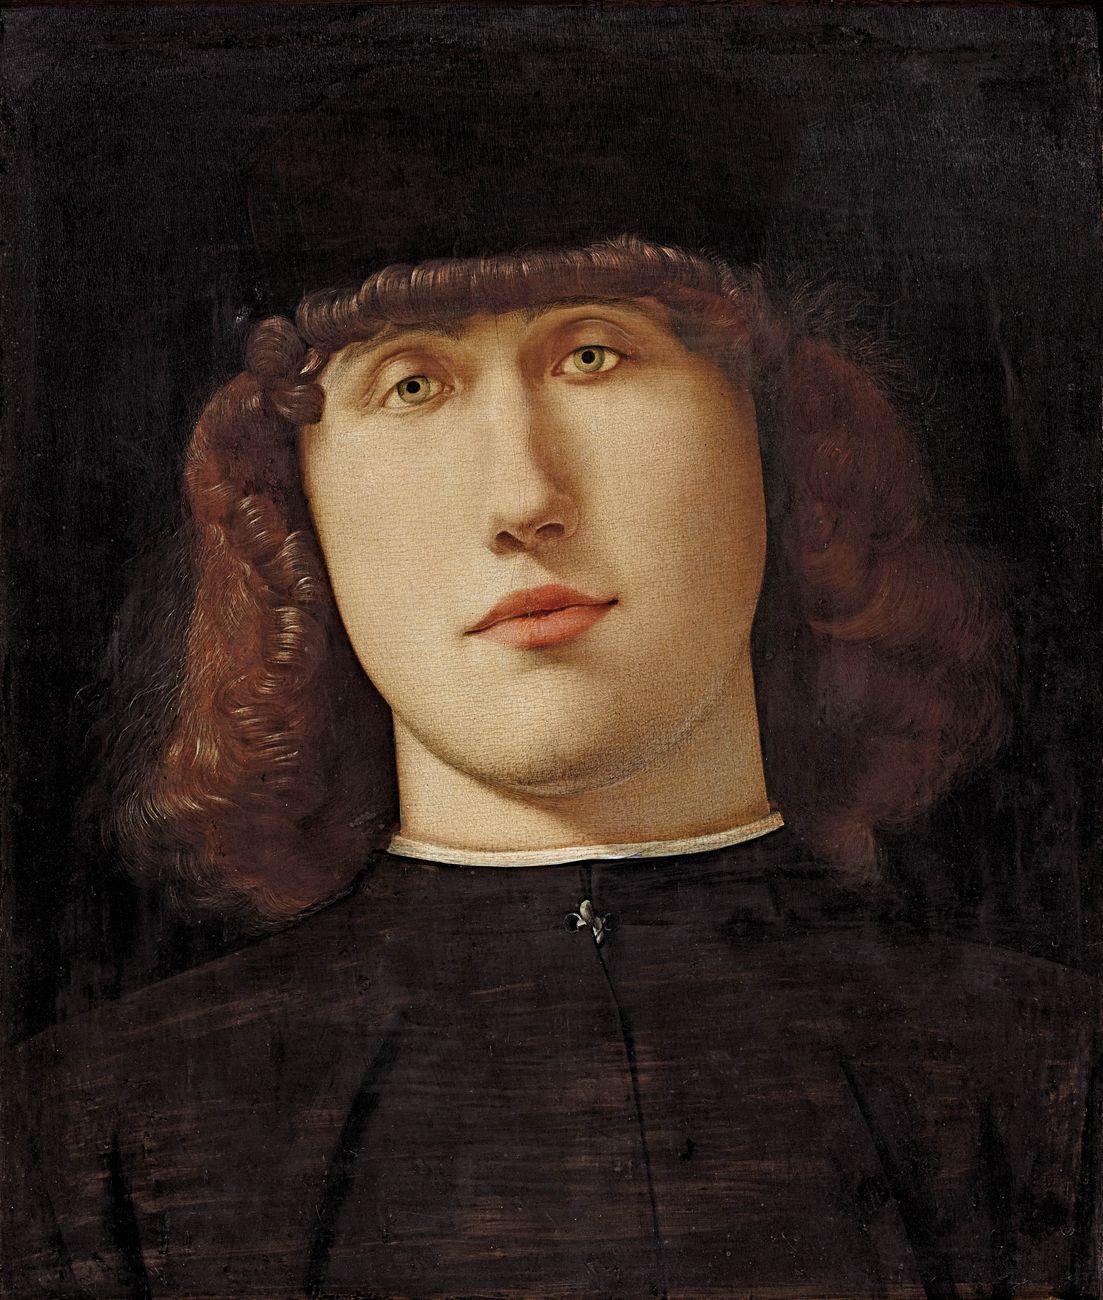 Lorenzo Lotto, Ritratto di giovane (1498-1500 circa; olio su tavola, 34,2 x 27,9 cm; Bergamo, Accademia Carrara